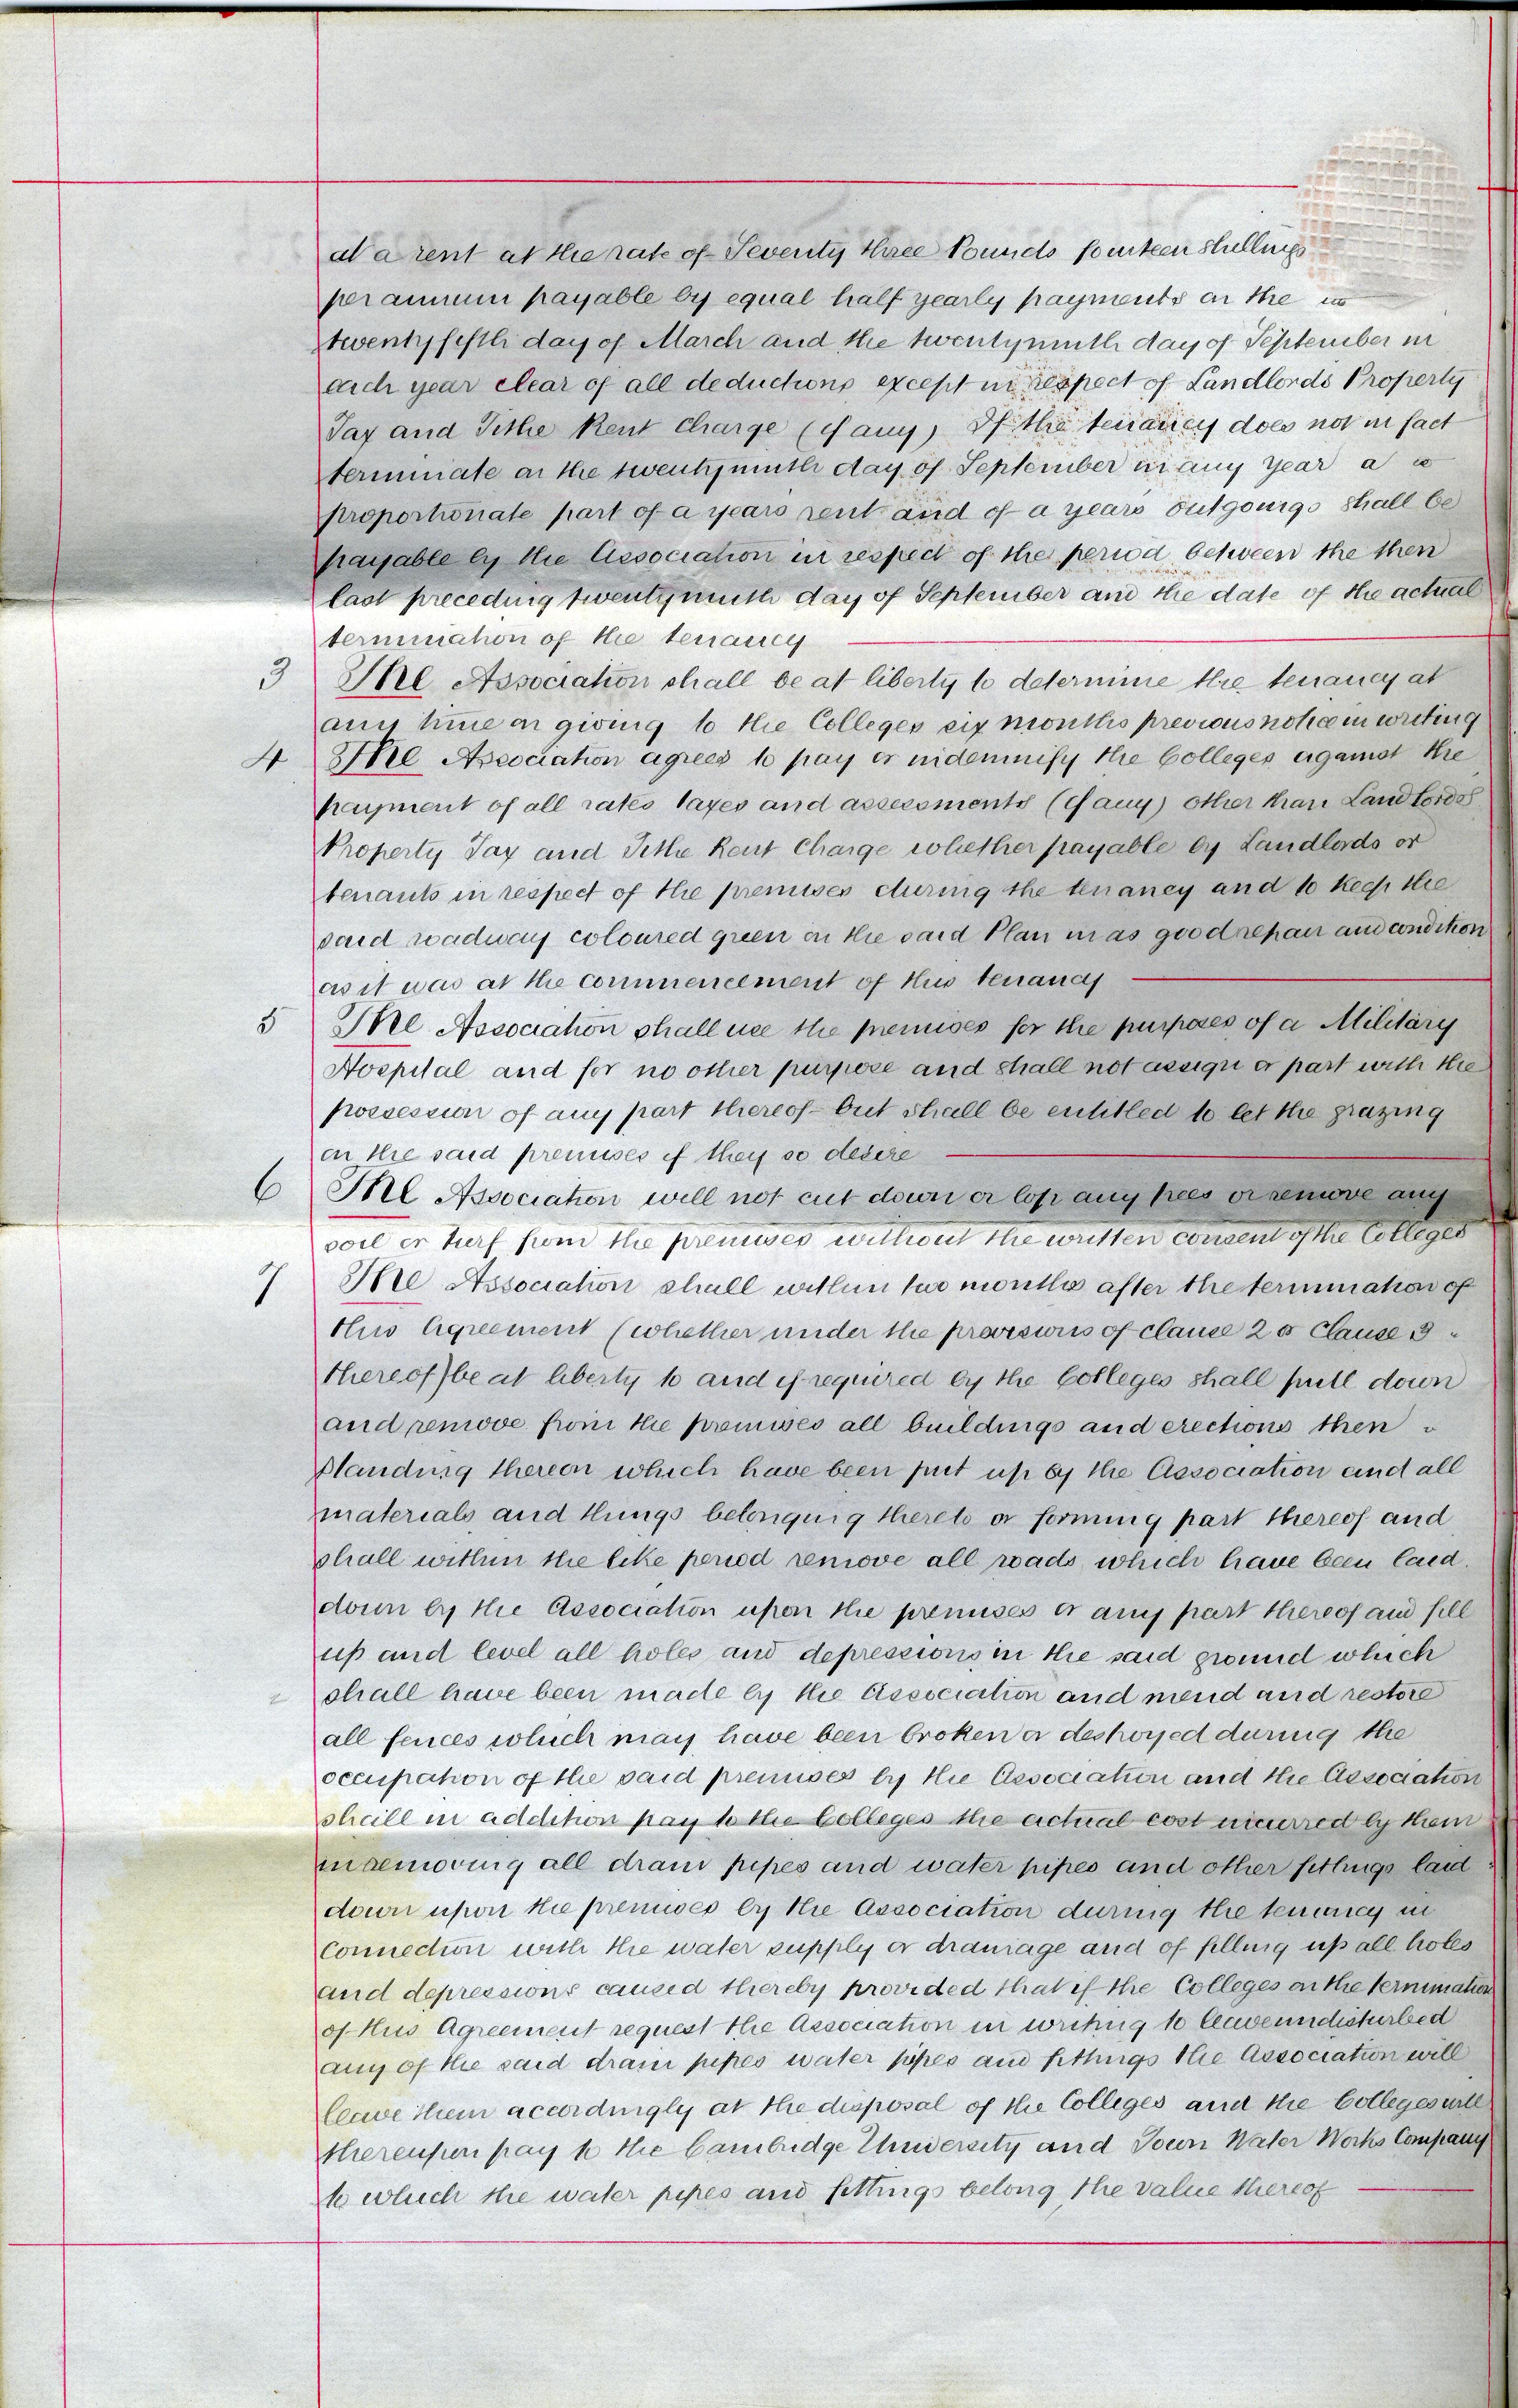 Memorandum of Agreement (duplicate), 1 December 1915, page 2 (KCAR/3/1/1/8/31)